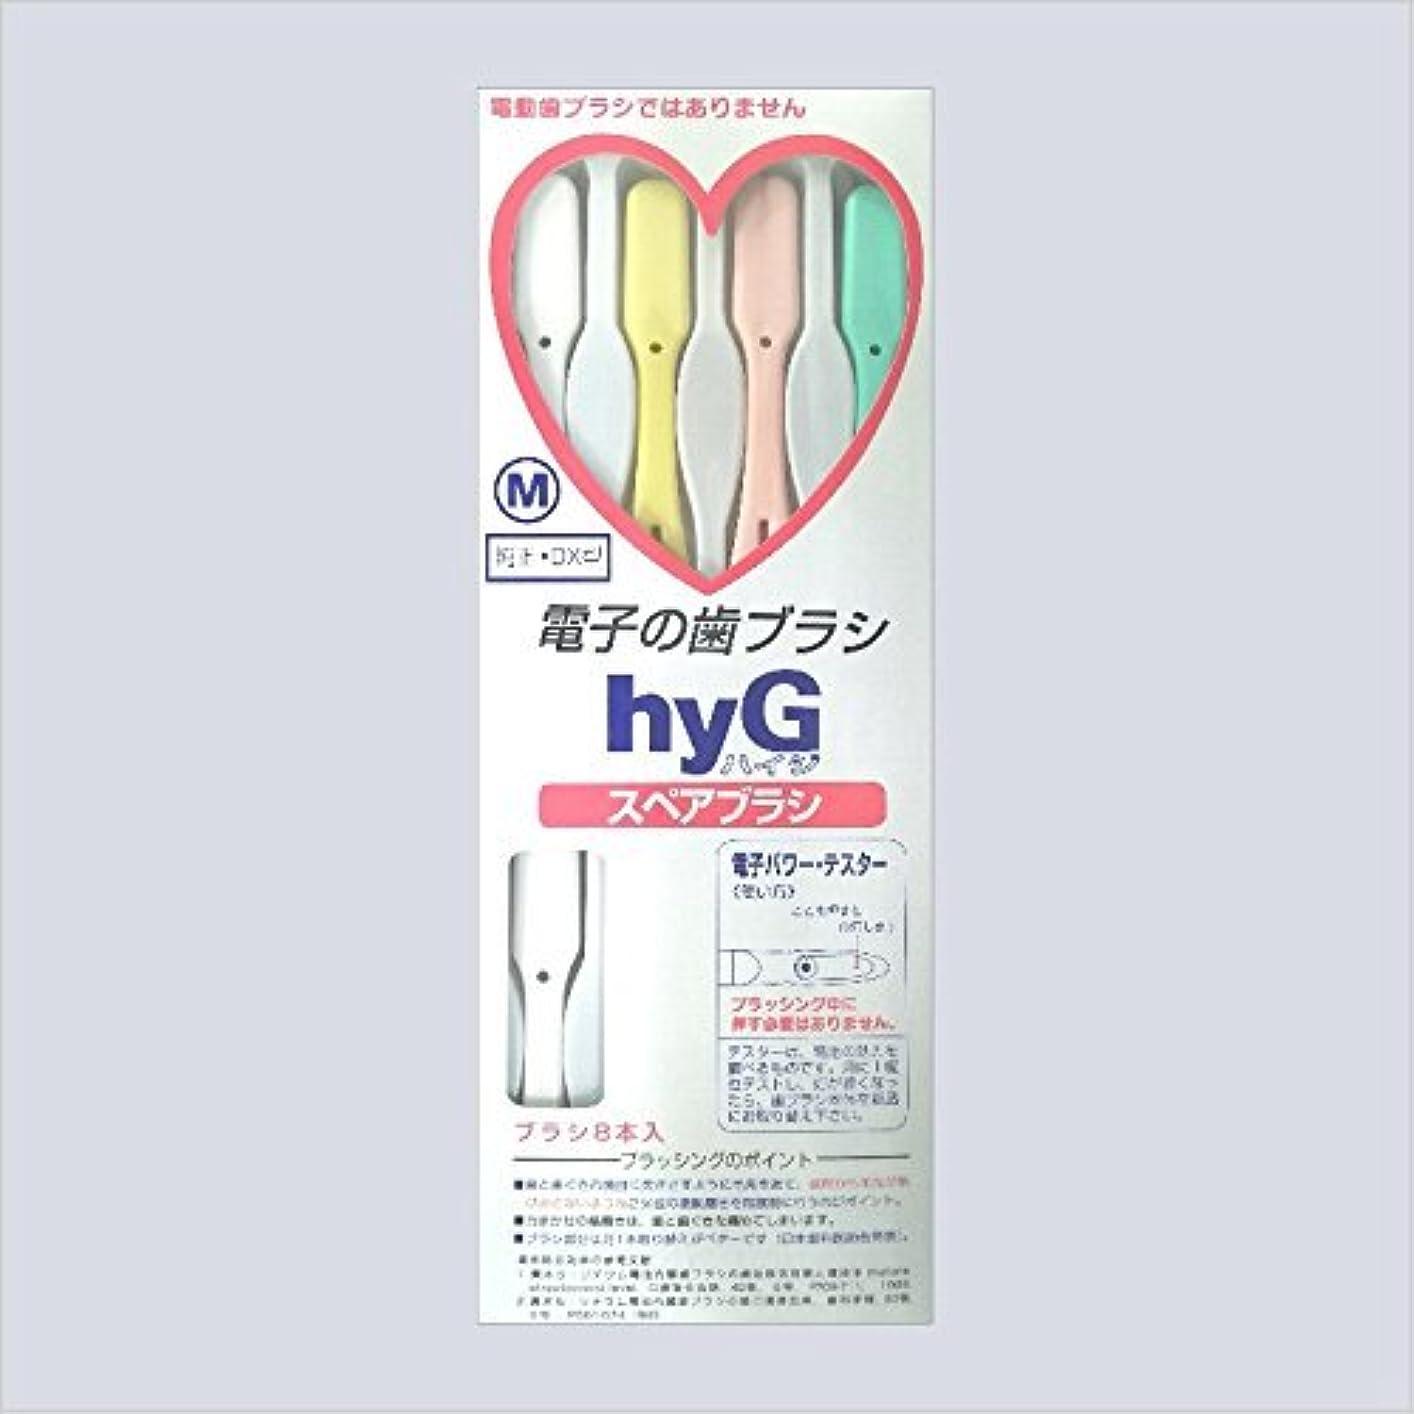 権限ポールエコー電子の歯ブラシ ハイジ(hyG)?スペアブラシ <ブラシの硬さ:Hかため> (※こちらは「スペアブラシ」です )?hyG-DX型